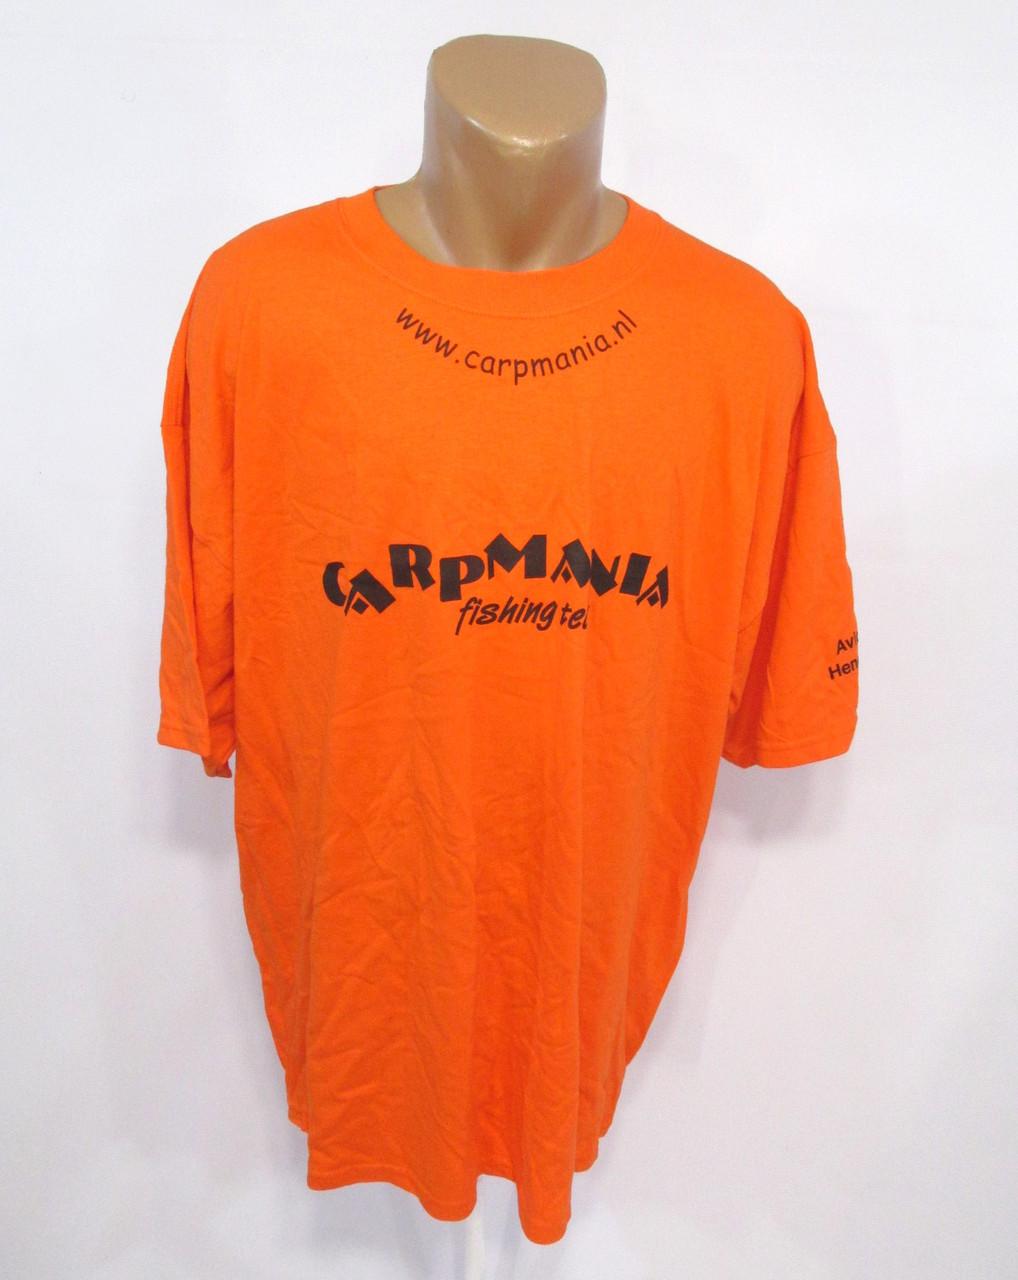 Футболка Gildan, 2XL, Ultra Cotton, Оранжевая, Как Новая!